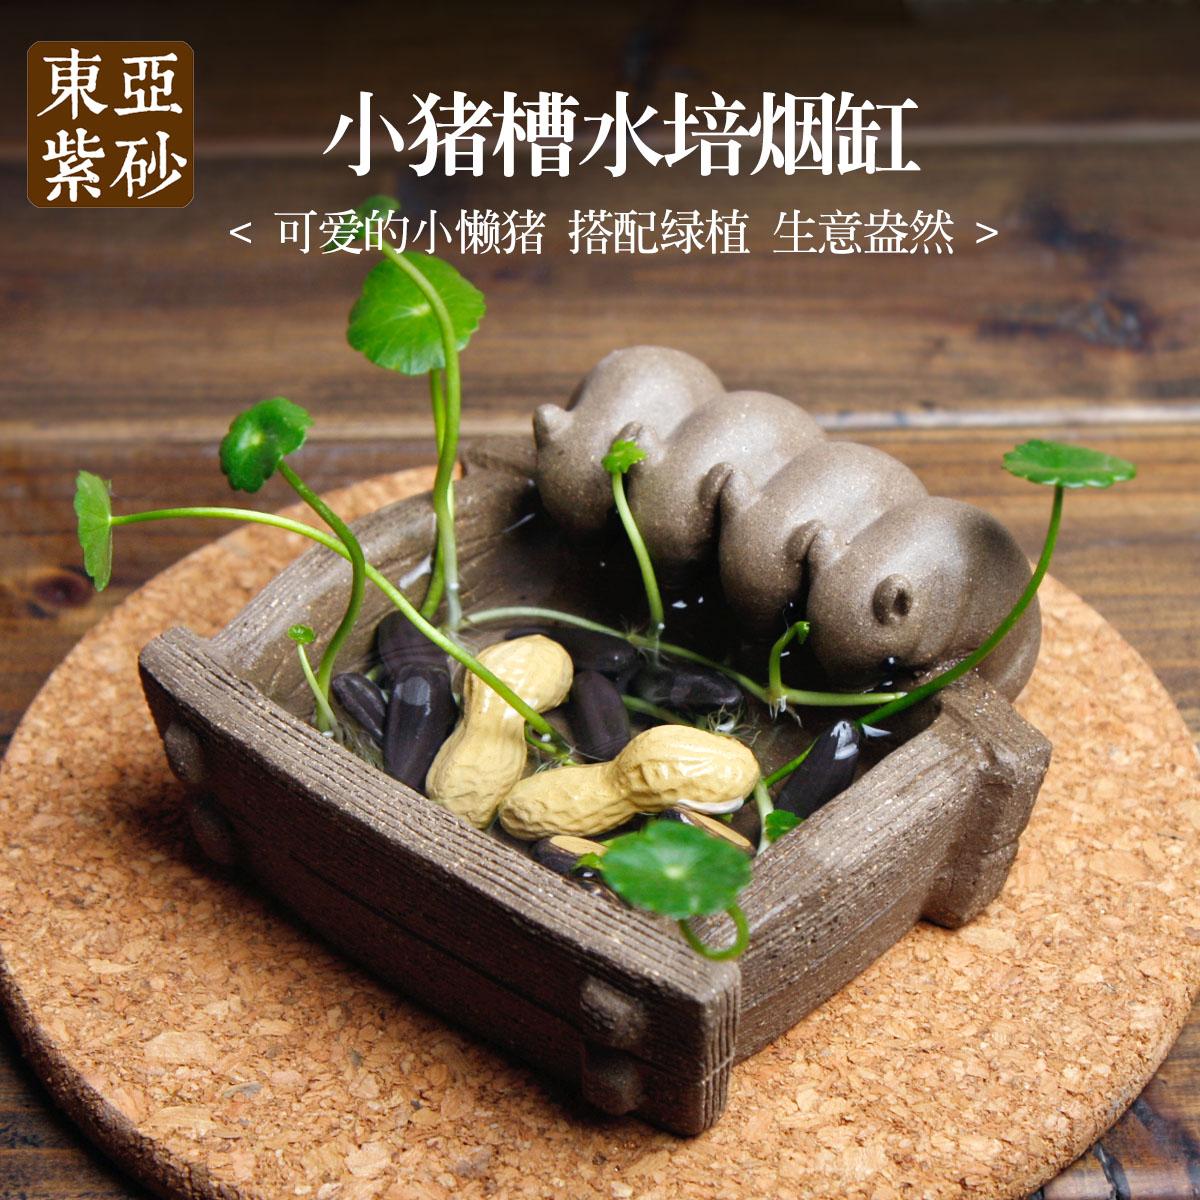 宜興紫砂茶寵擺件 可養茶具茶擺件 水培煙灰缸小豬喝水